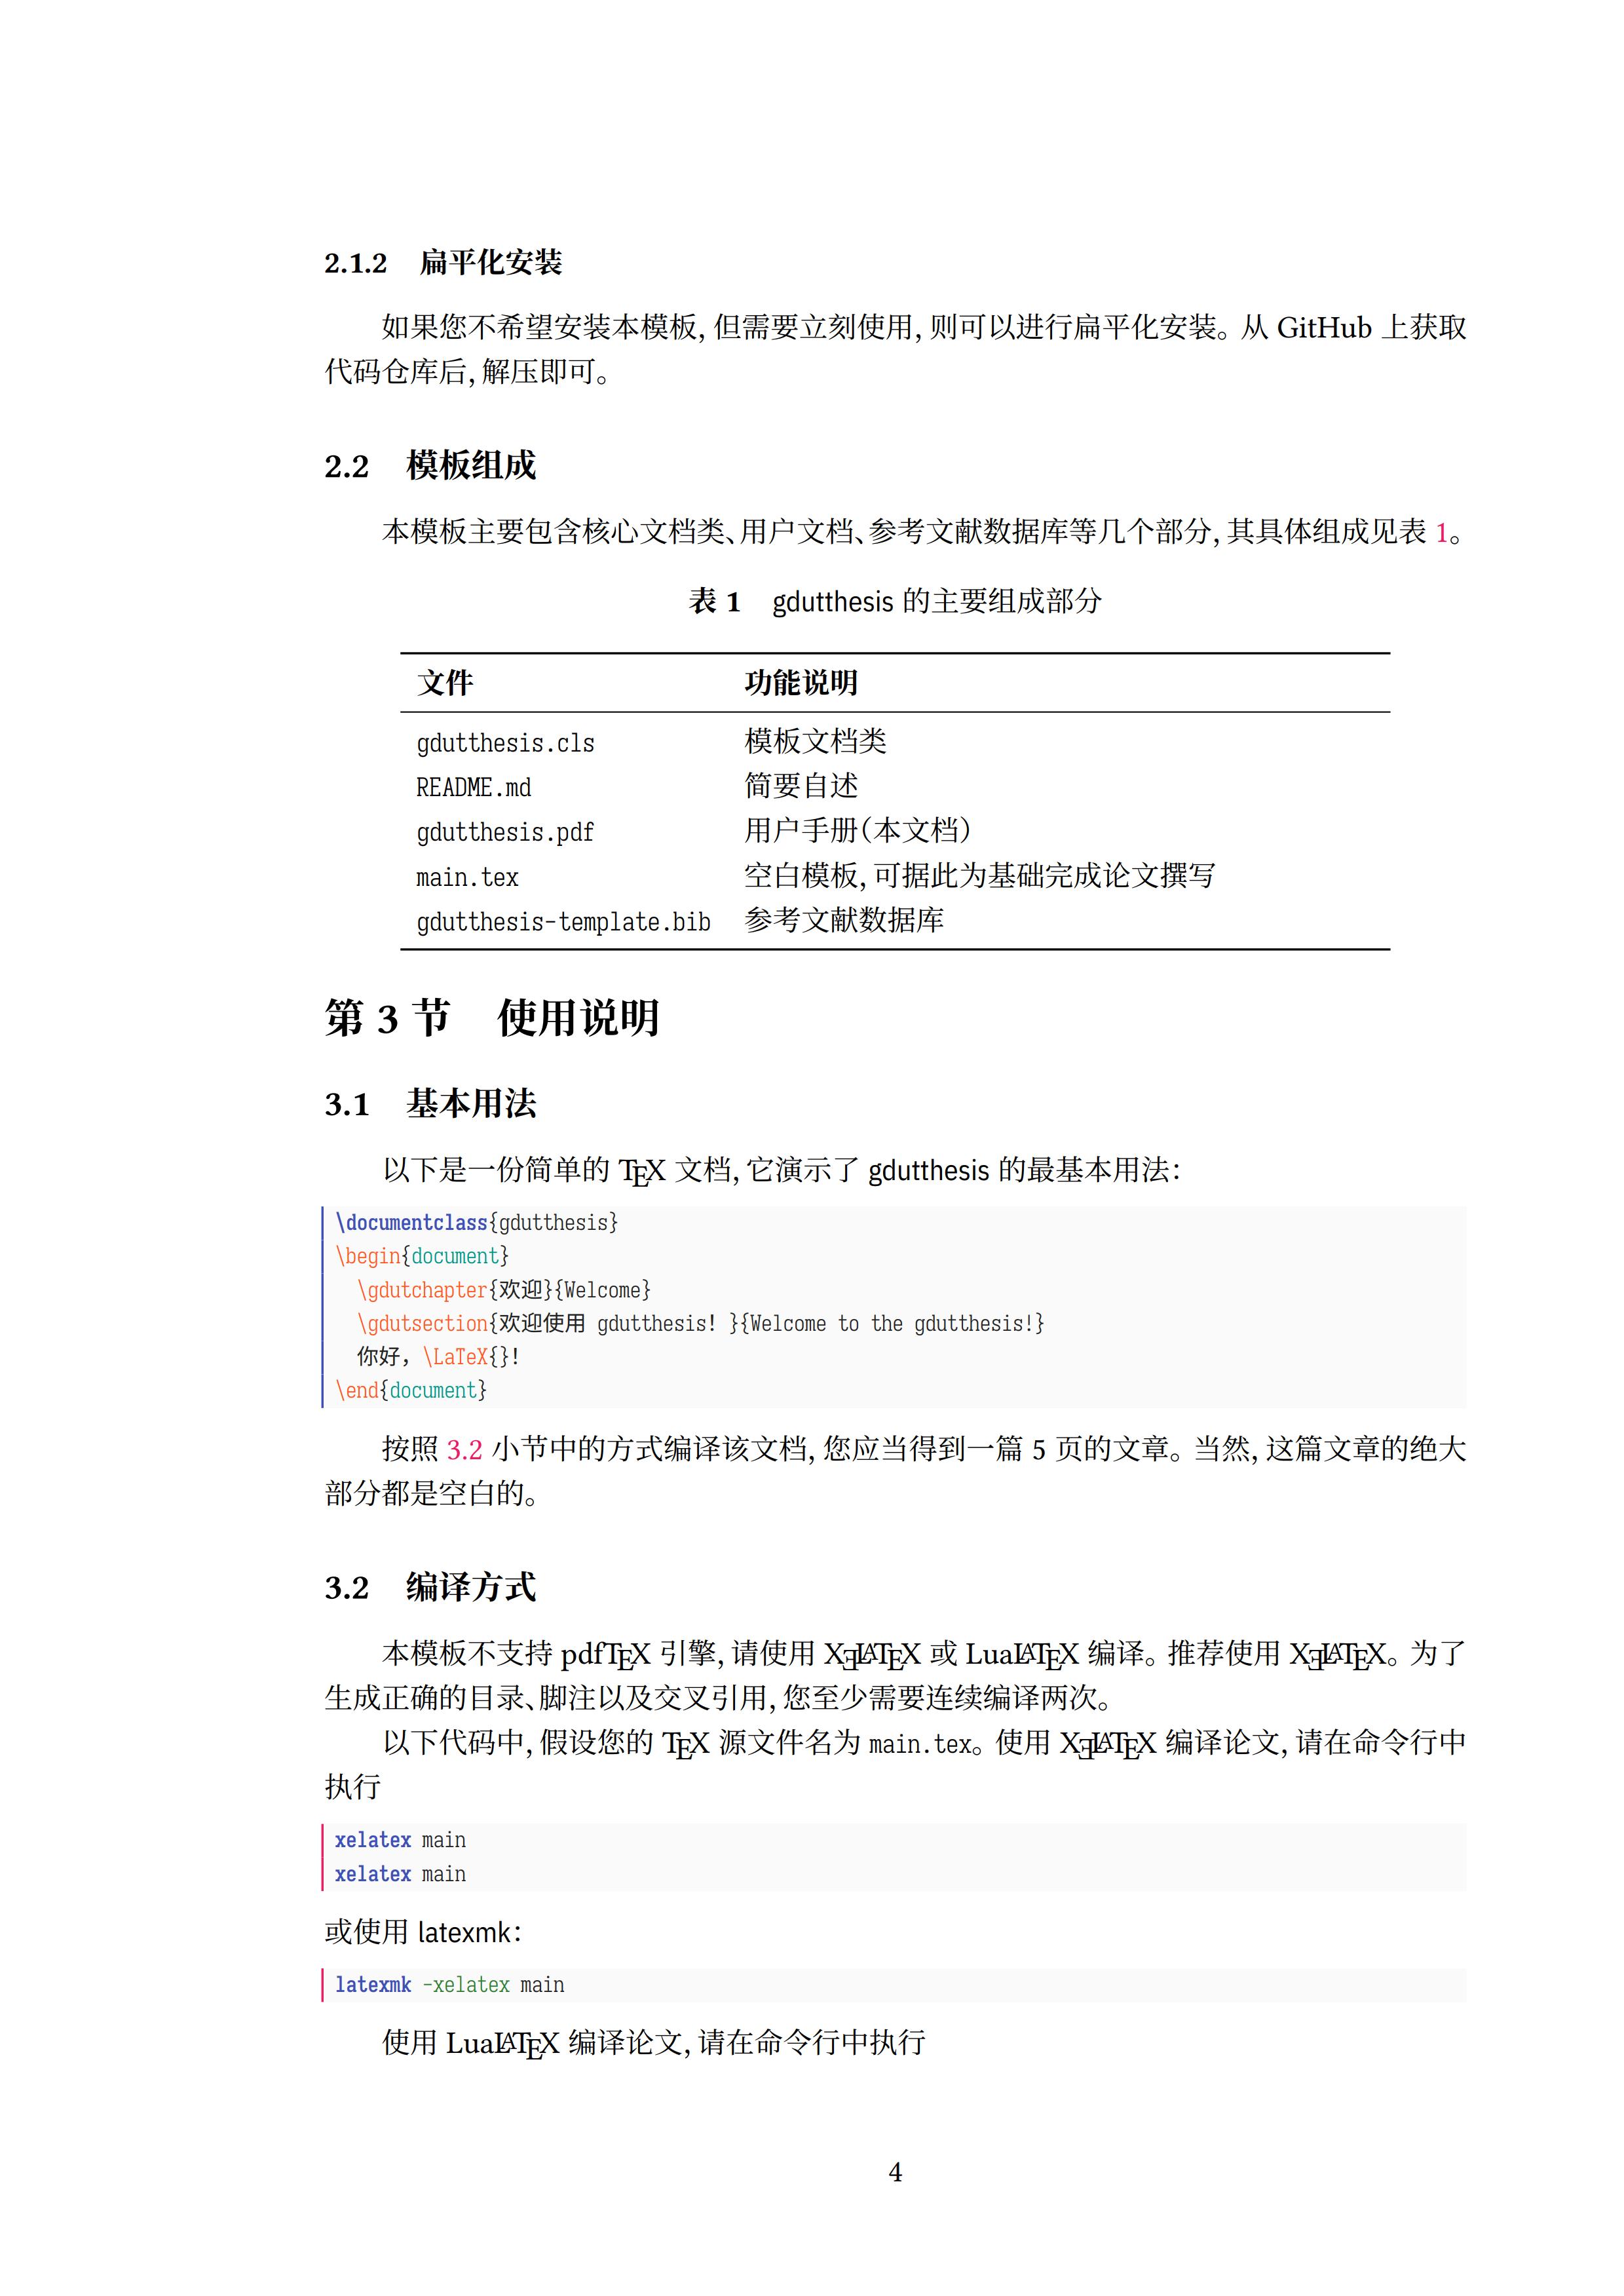 广东工业大学论文模板